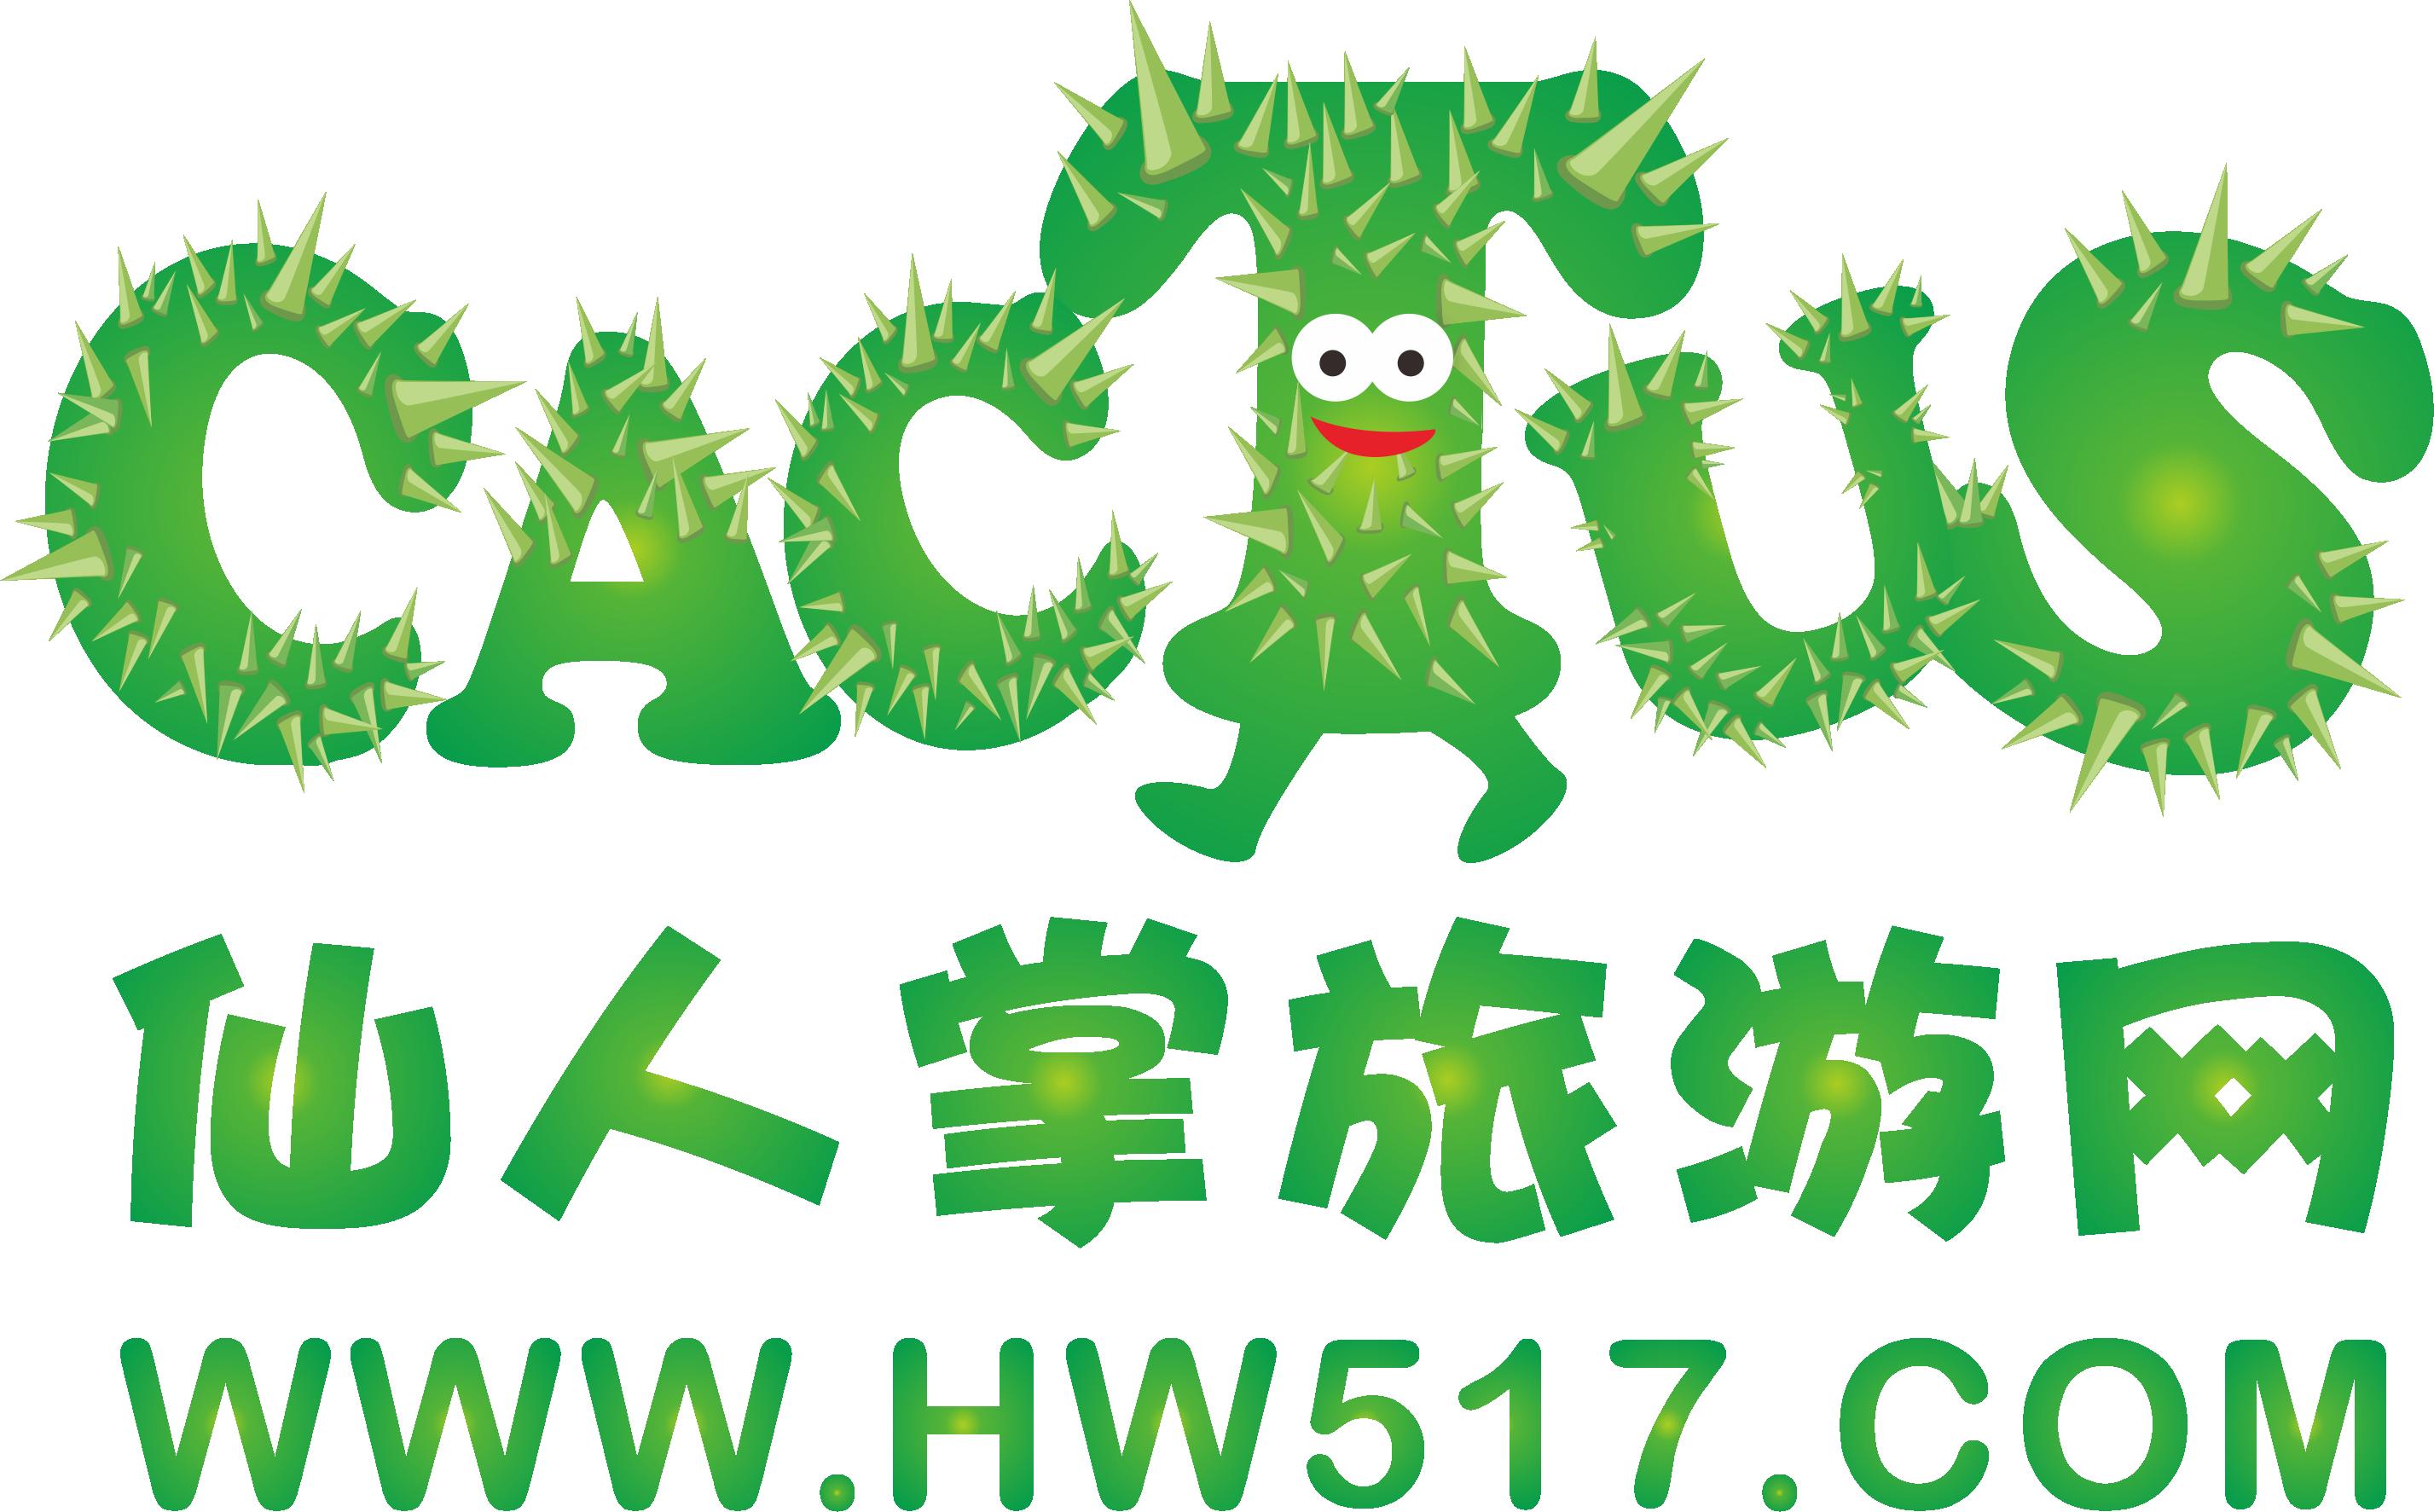 歌诗达邮轮新浪漫号 温州-鹿儿岛-温州4晚5日游(海景双人)